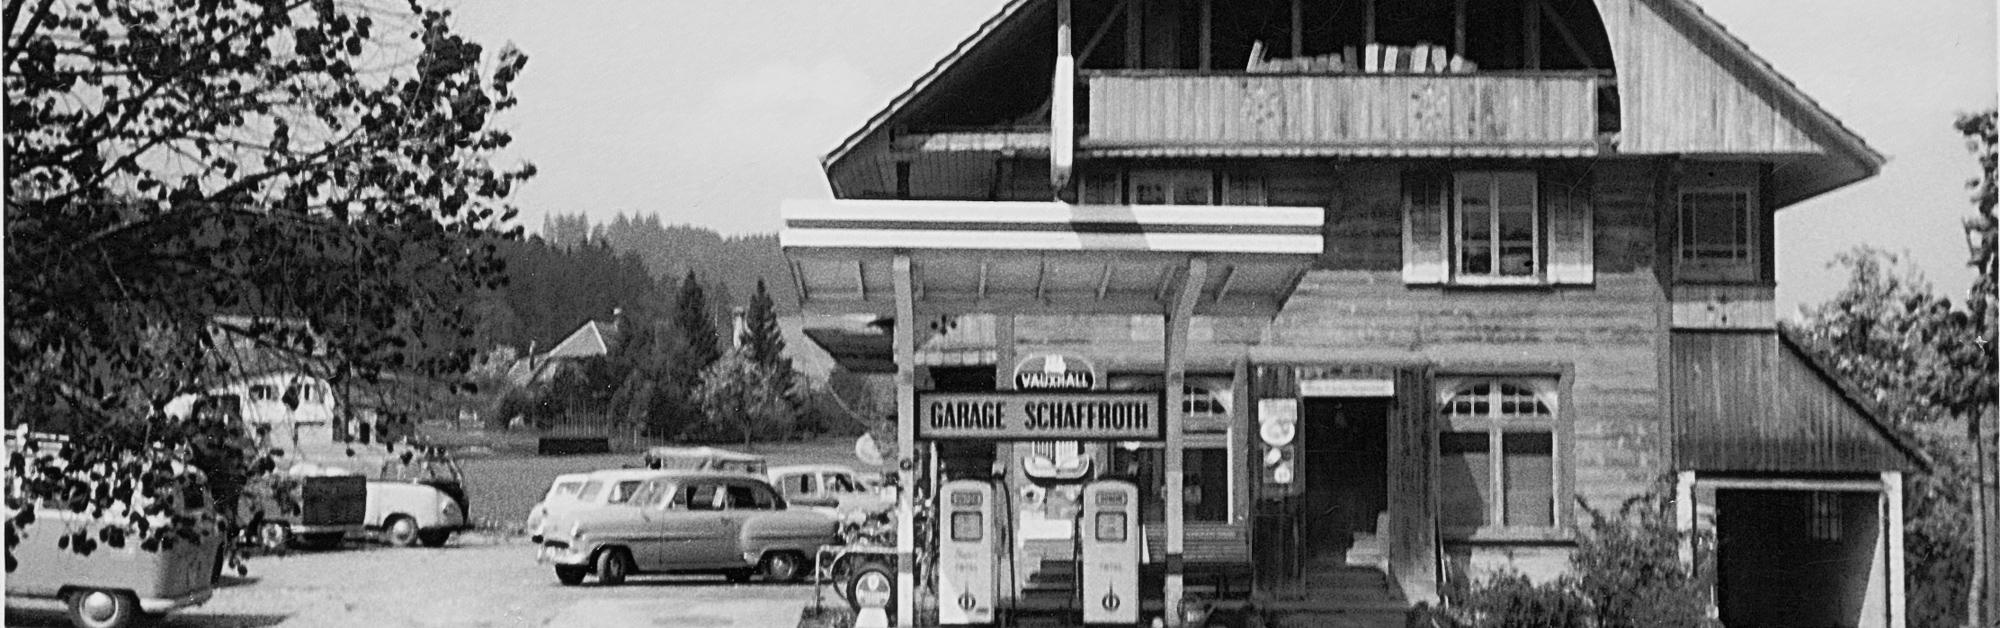 Garage-Schafroth-30er-Jahre.jpg